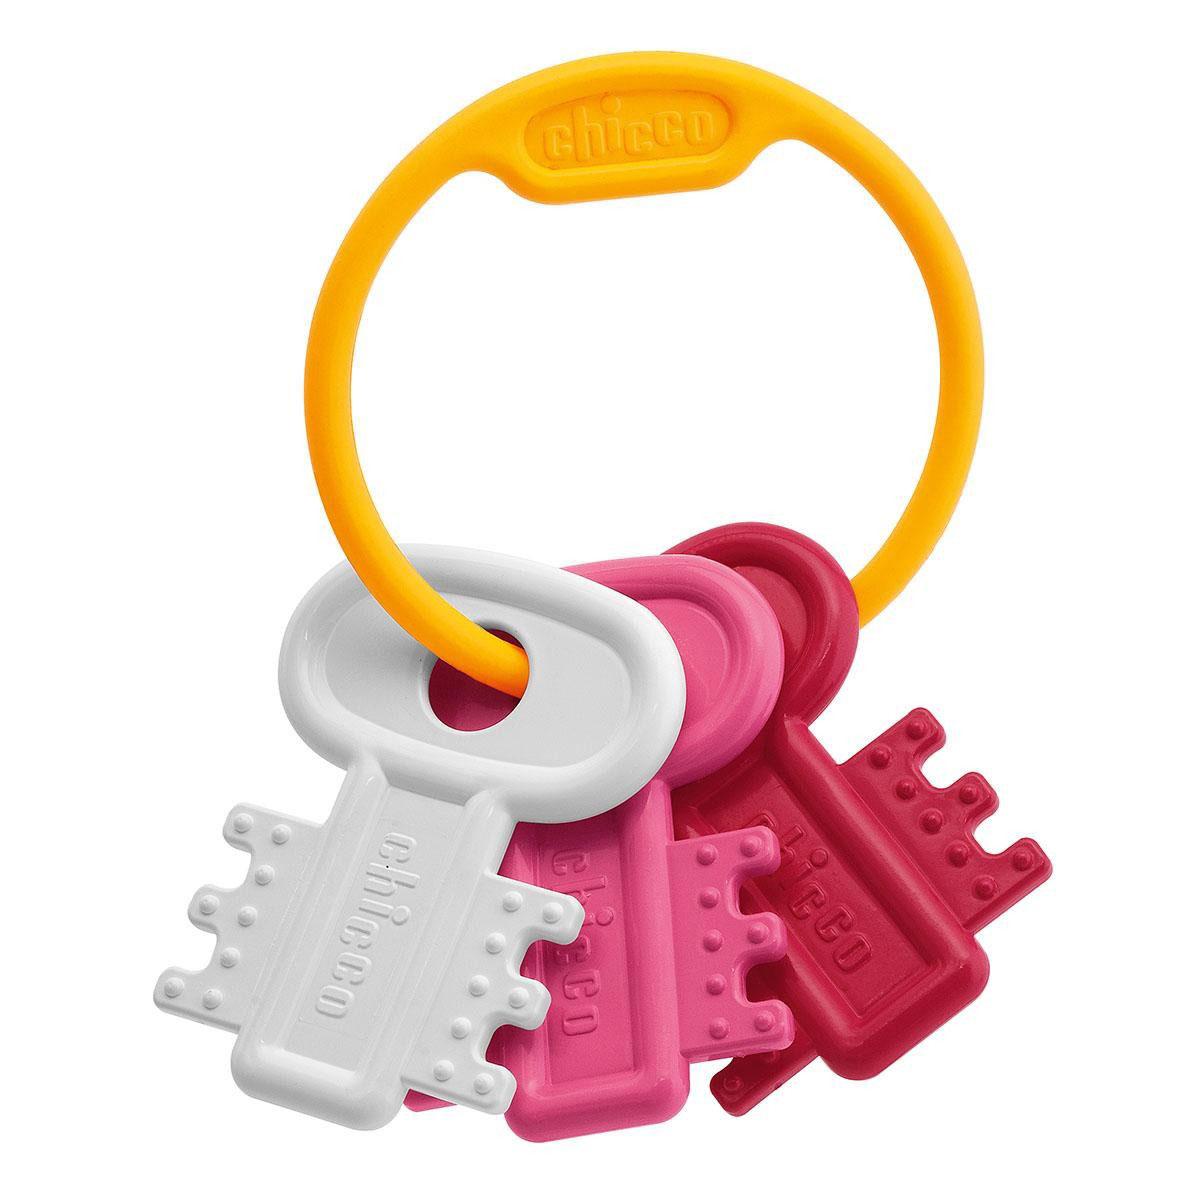 Chicco Погремушка Ключи на кольце, цвет: белый, розовый00063216100000Погремушка Ключи на кольце идеальна для периода прорезывания зубов благодаря рельефным выступам на поверхности. Она представляет собой кольцо с тремя разноцветными ключиками. Малышу будет удобно держать погремушку в маленьких ручках. Погремушка выполнена из высококачественного материала, поэтому абсолютно безопасна для малыша.